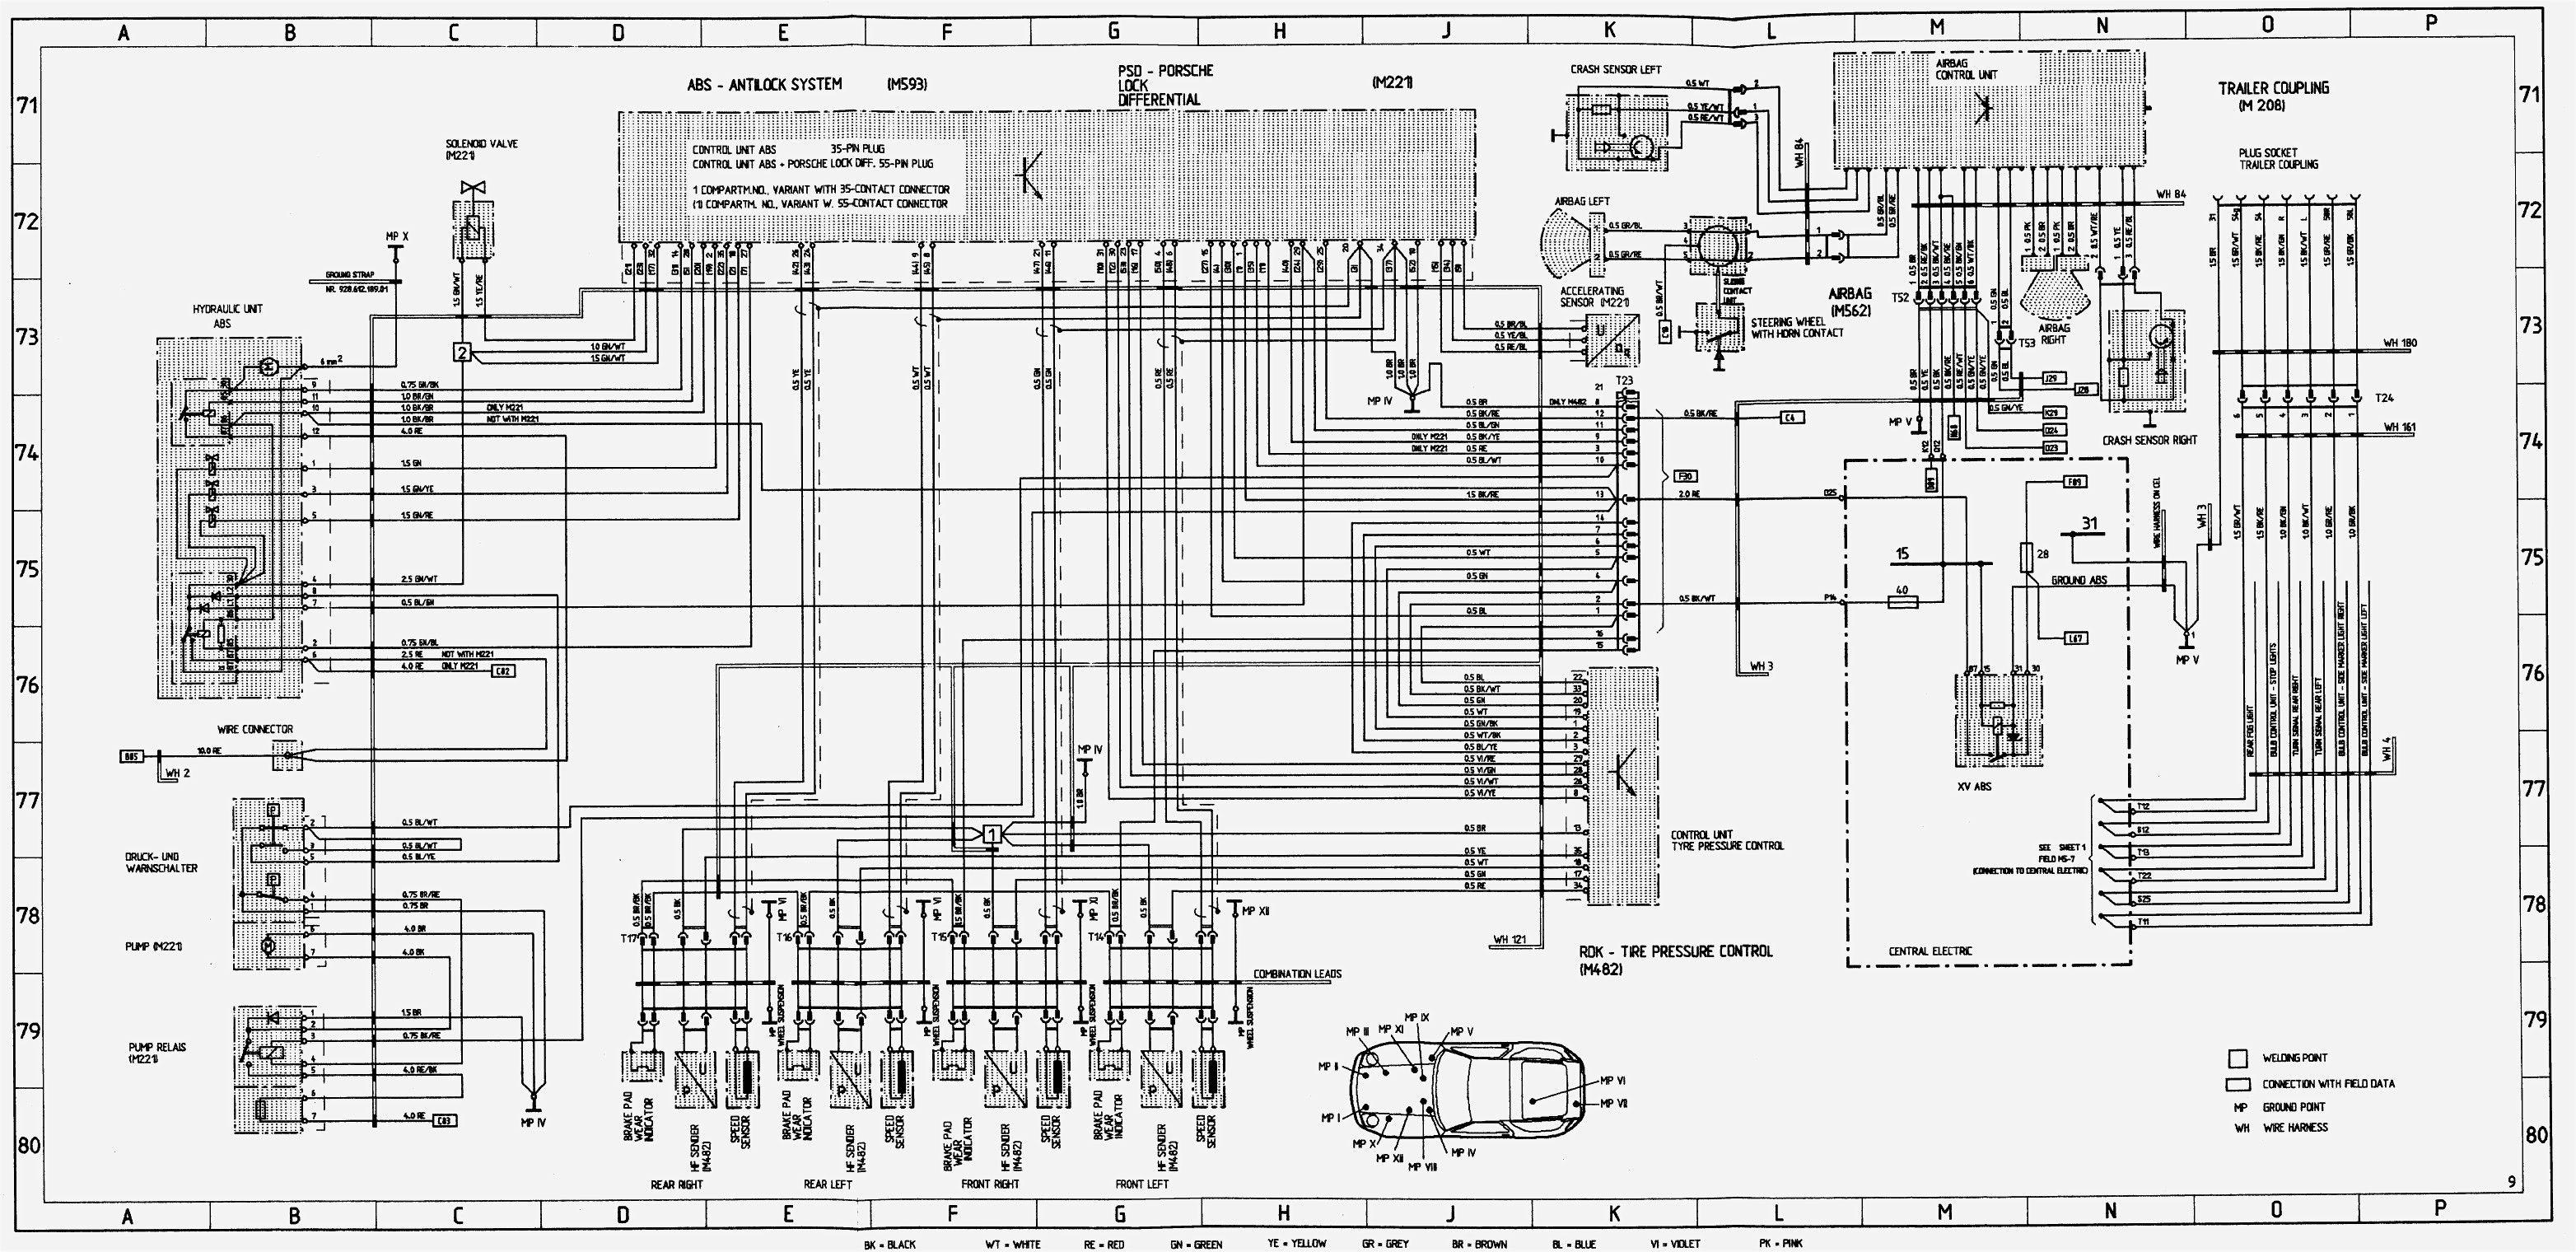 bmw e39 dsc wiring diagram free download diagrams schematics lively bmw e39 wiring diagram free download [ 3128 x 1520 Pixel ]